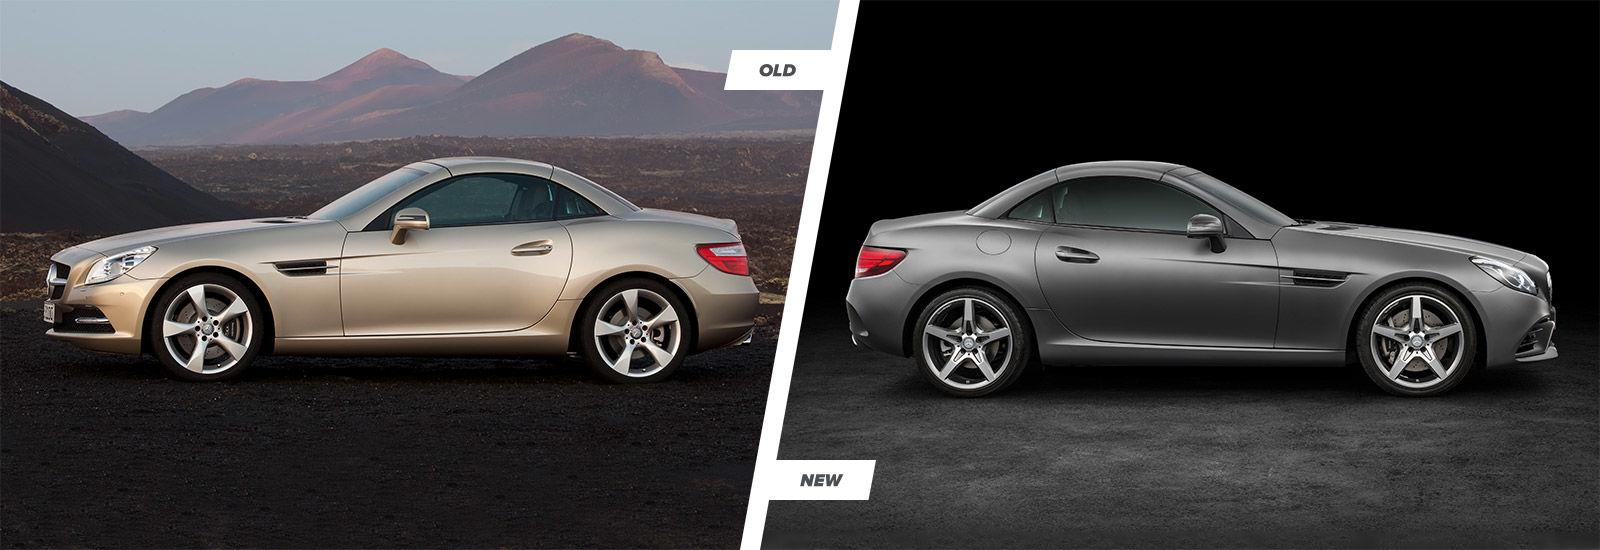 mercedes slc vs slk facelift comparison carwow. Black Bedroom Furniture Sets. Home Design Ideas